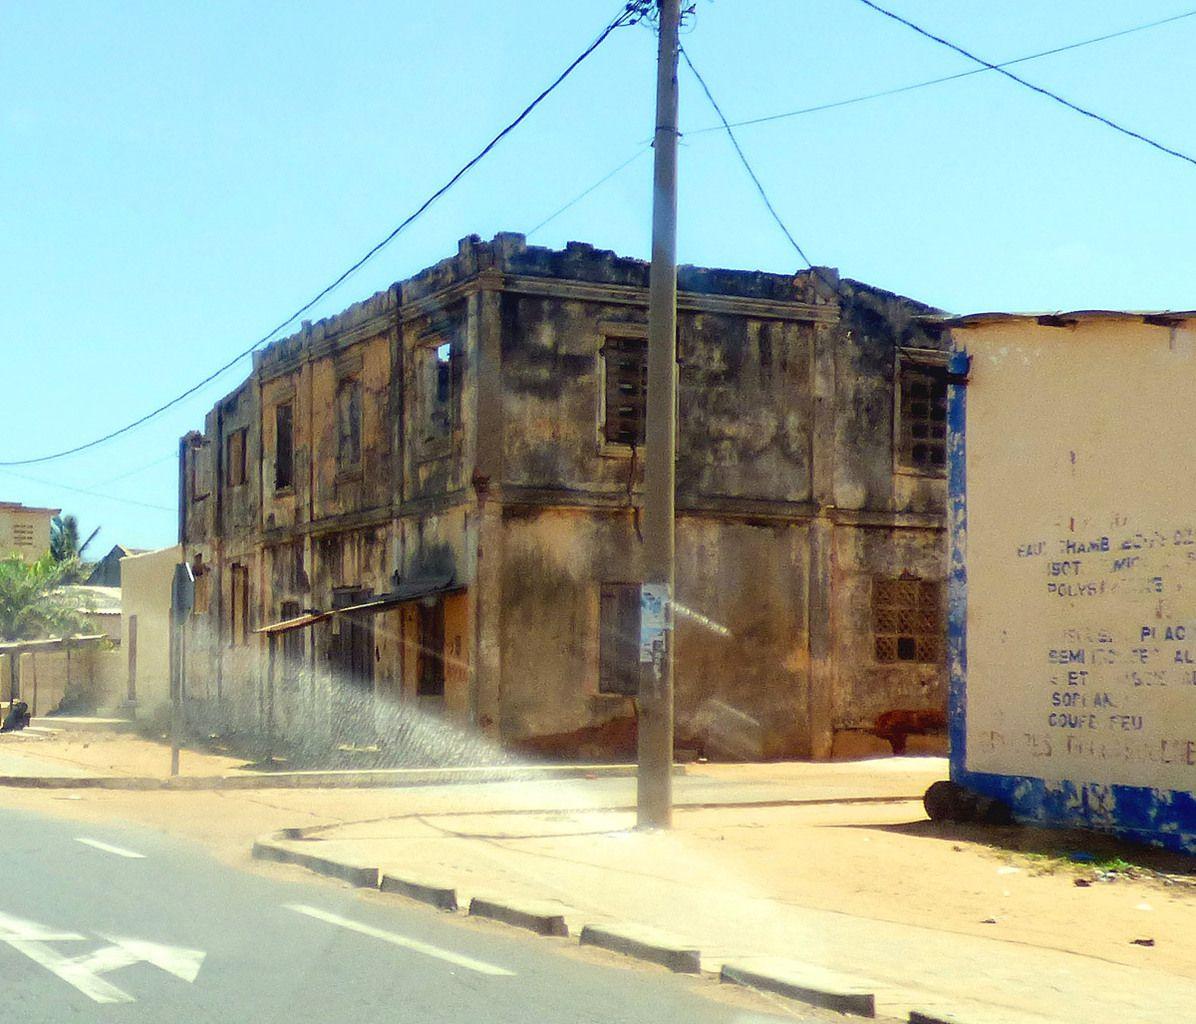 Vieilles maisons coloniales à la frontière Togo-Bénin